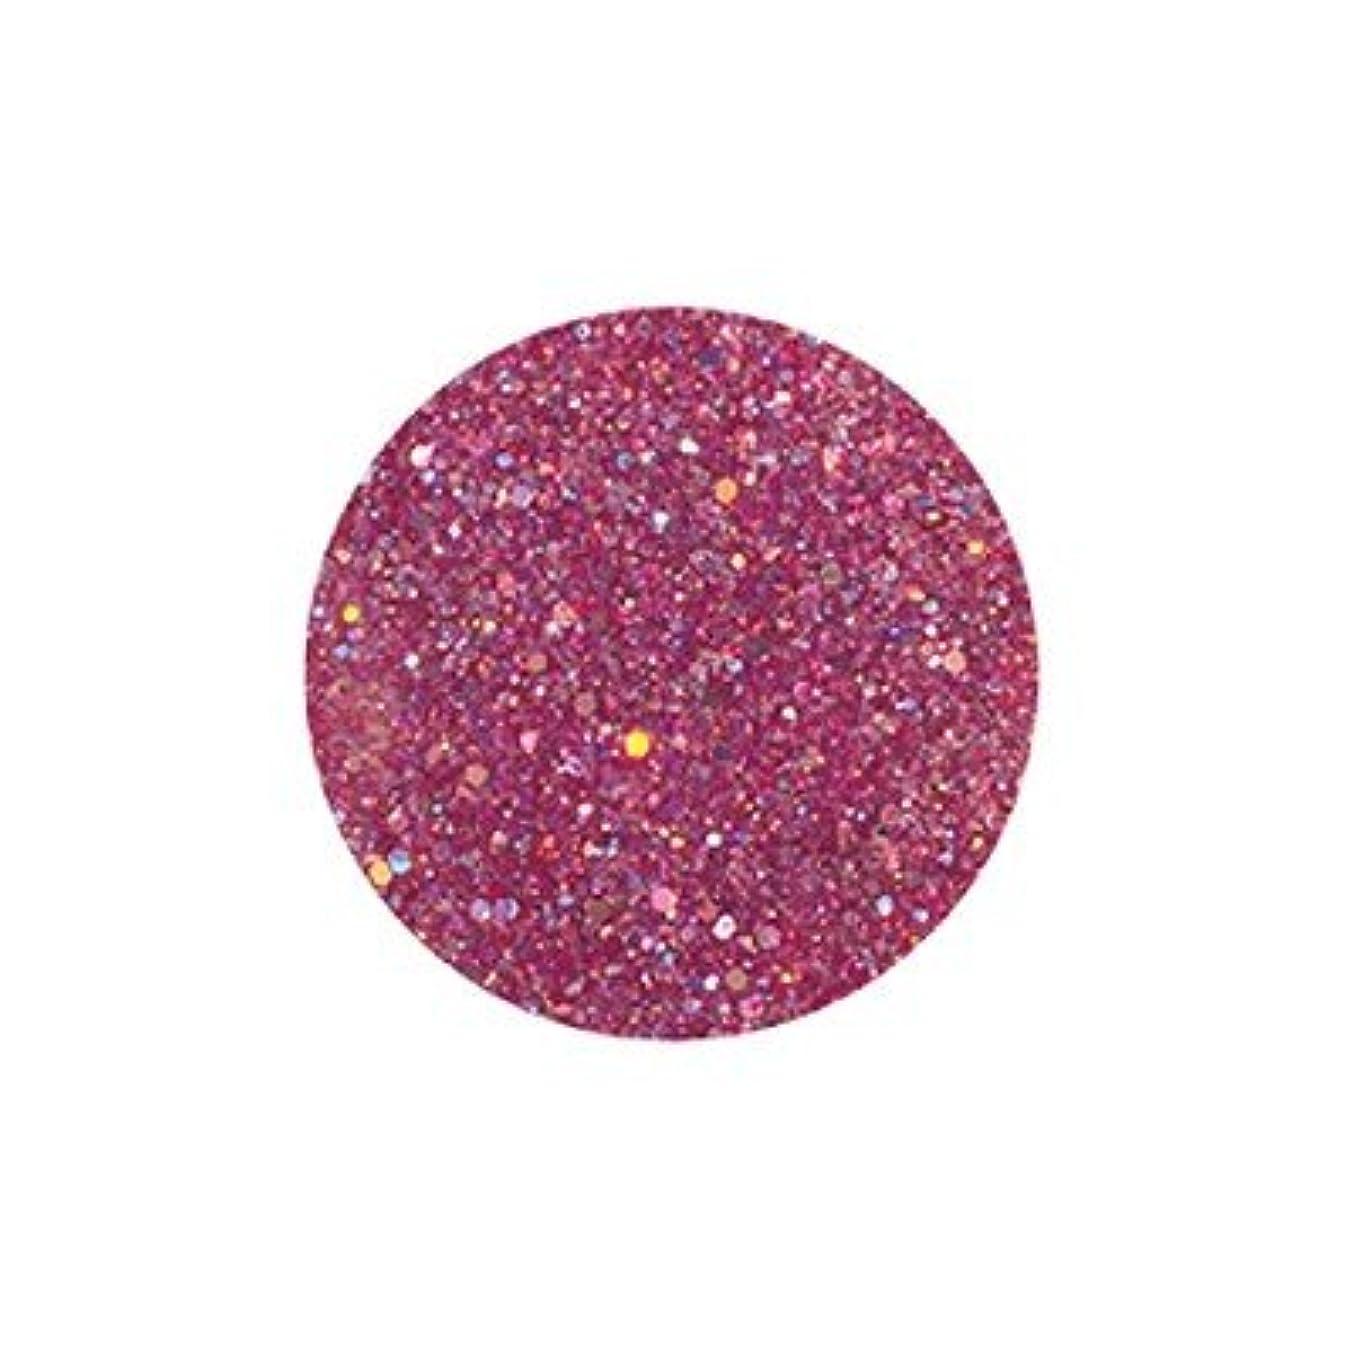 櫛ダム感謝祭FANTASY NAIL ダイヤモンドコレクション 3g 4259XS カラーパウダー アート材